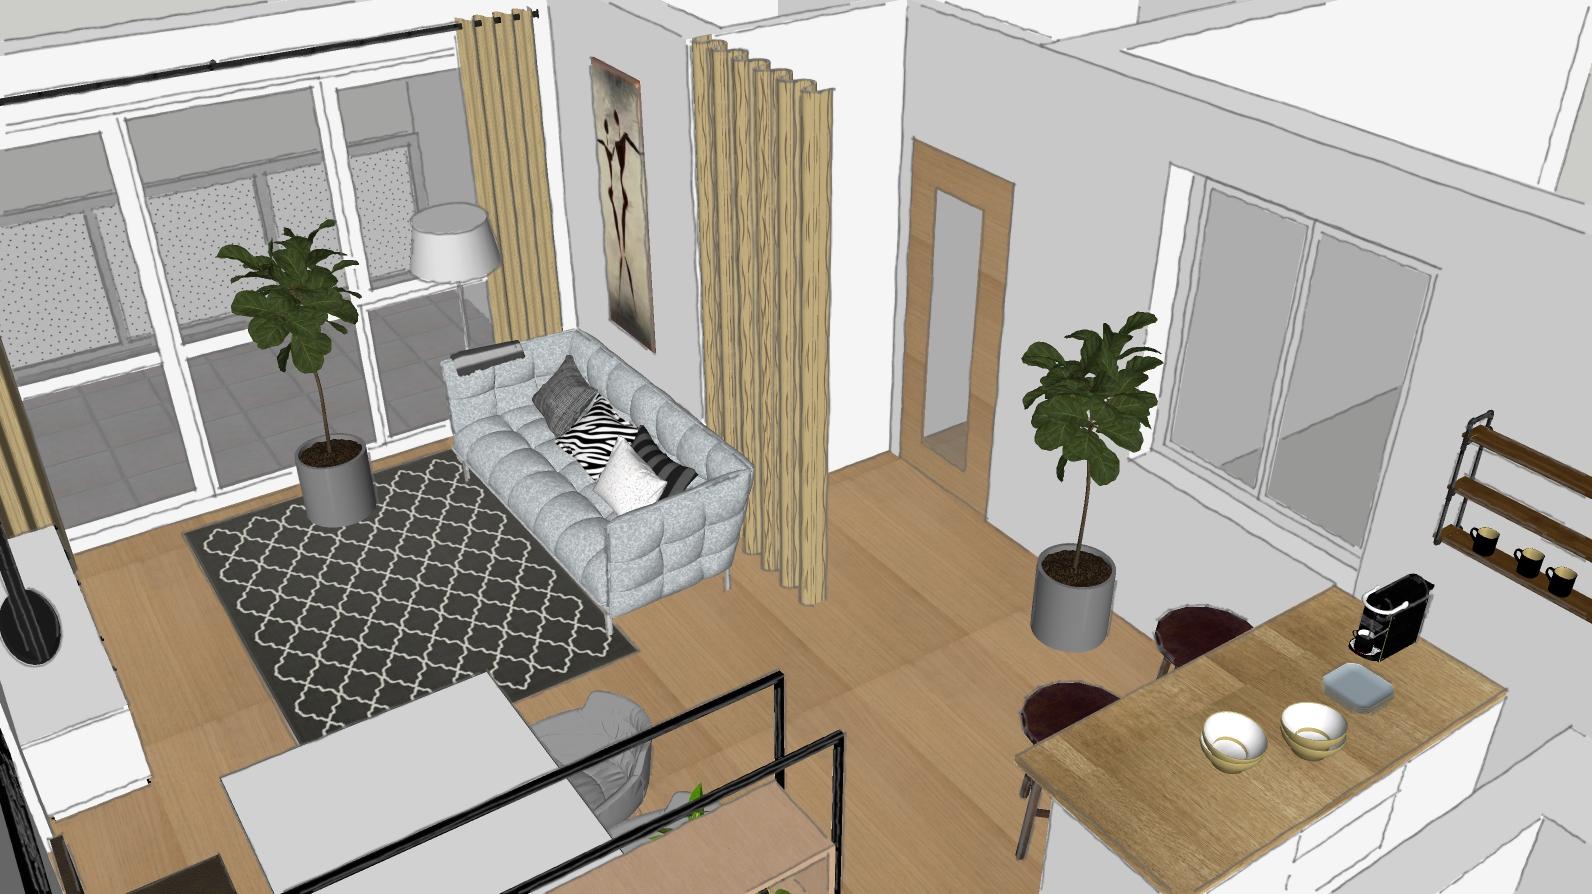 Wohnzimmer 3D Raumgestaltung